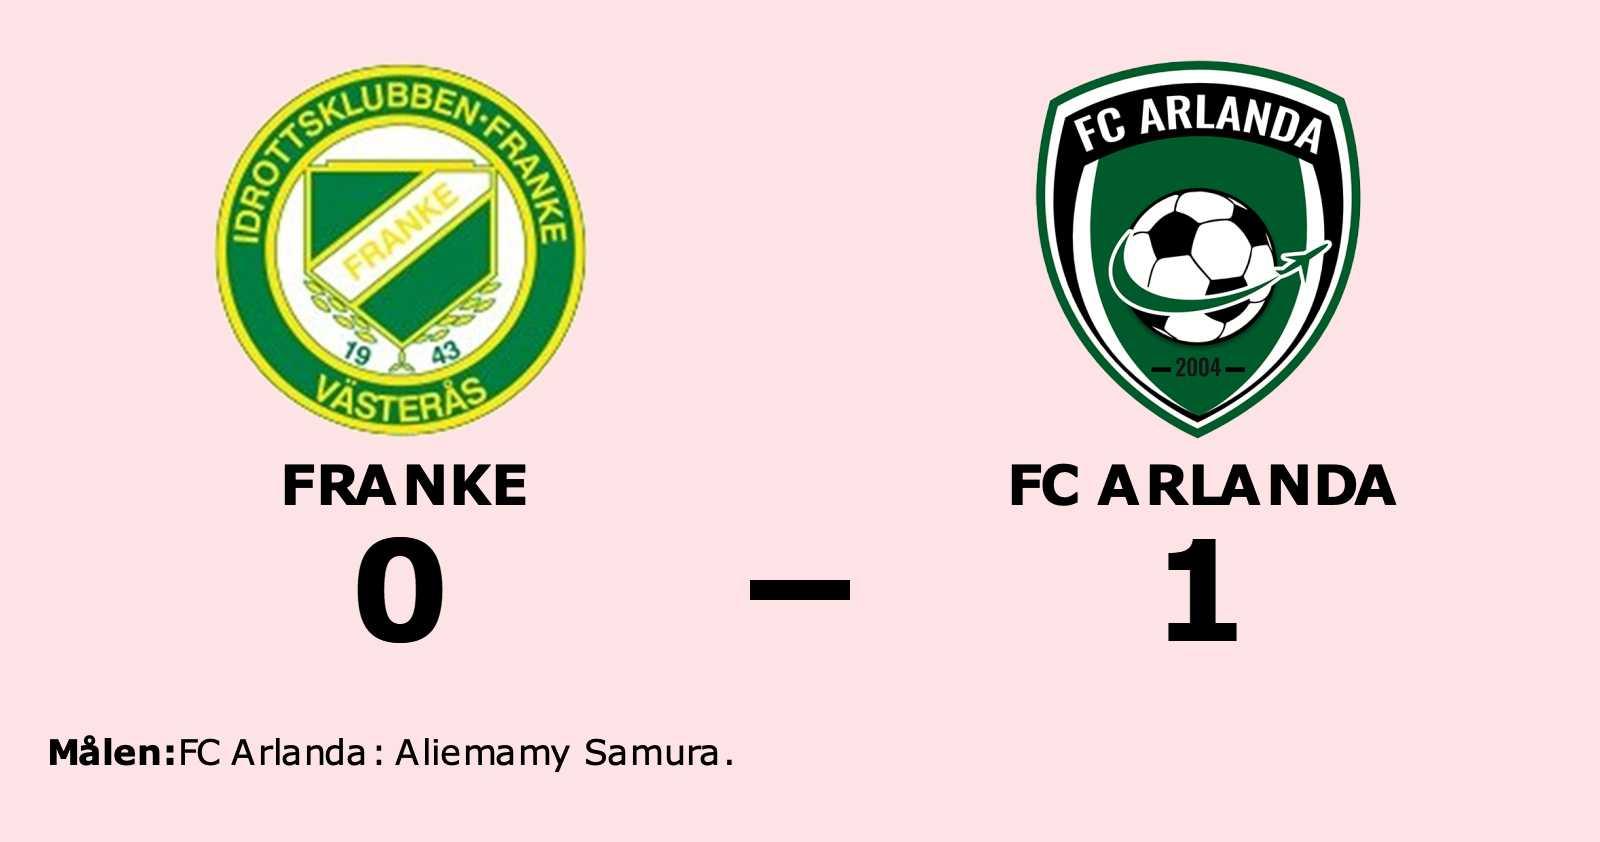 Aliemamy Samura målskytt när FC Arlanda sänkte Franke